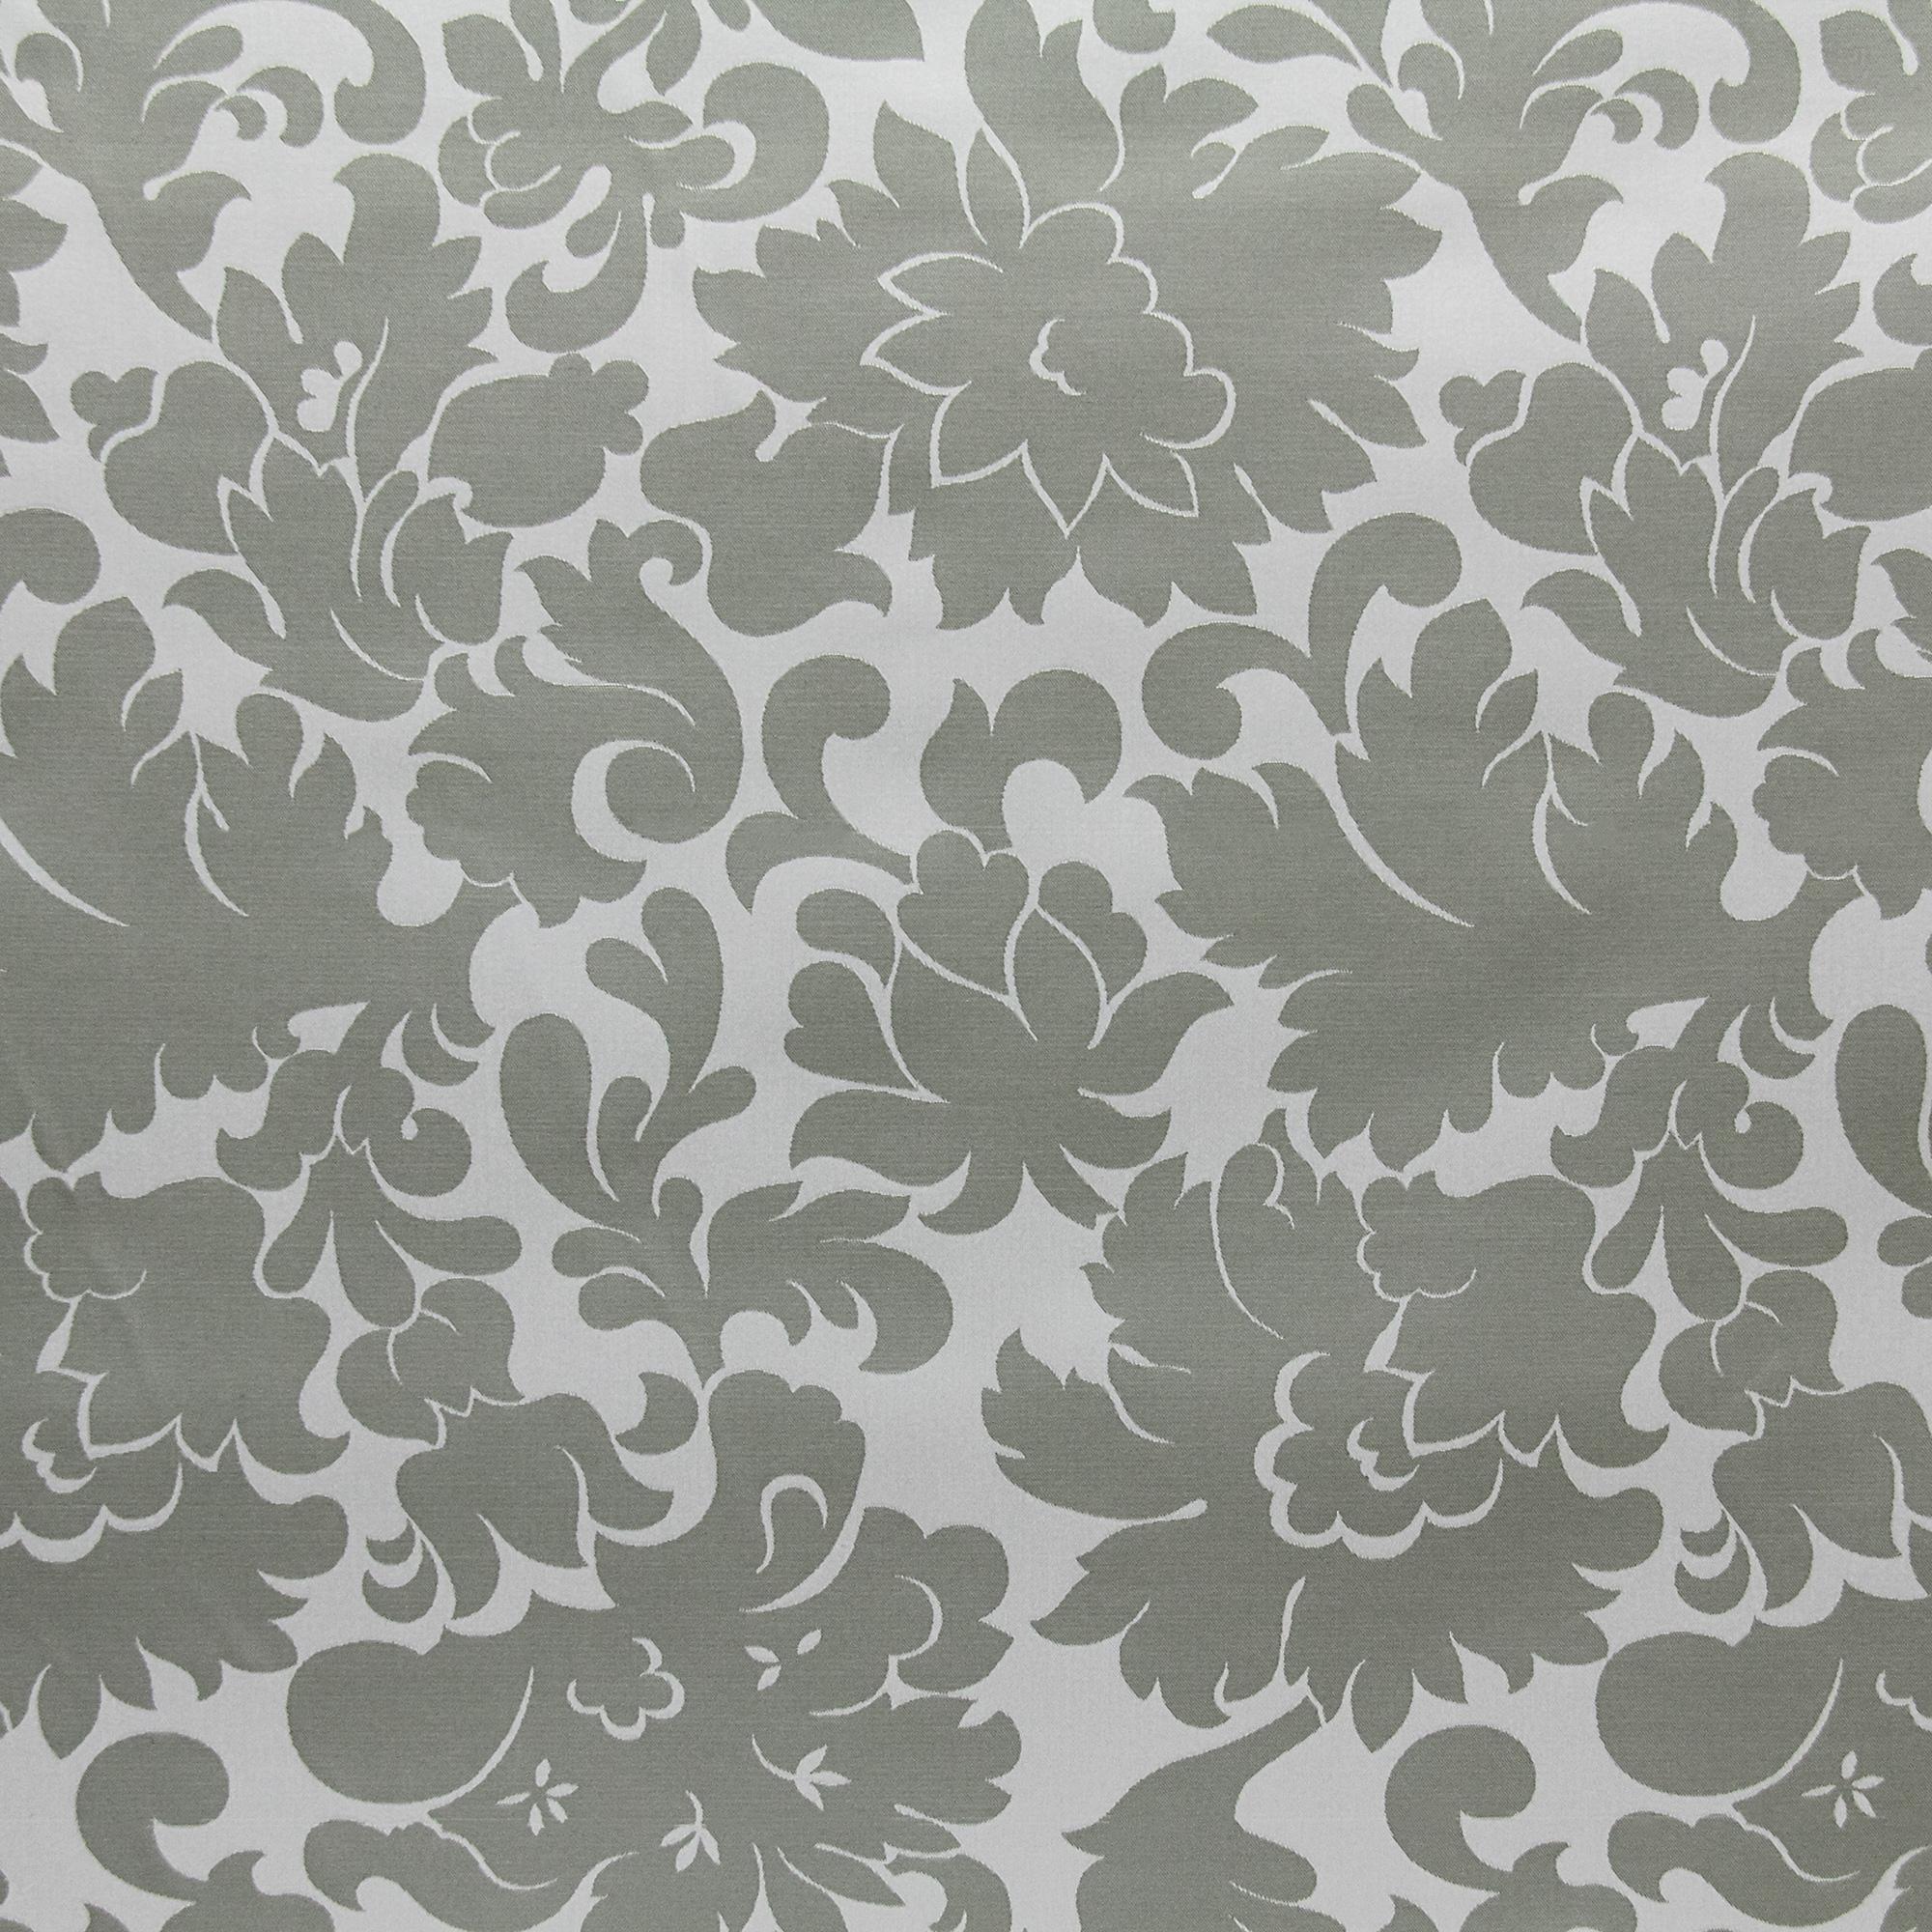 Купить со скидкой Скатерть рулонная Aitana textil sigla 160см